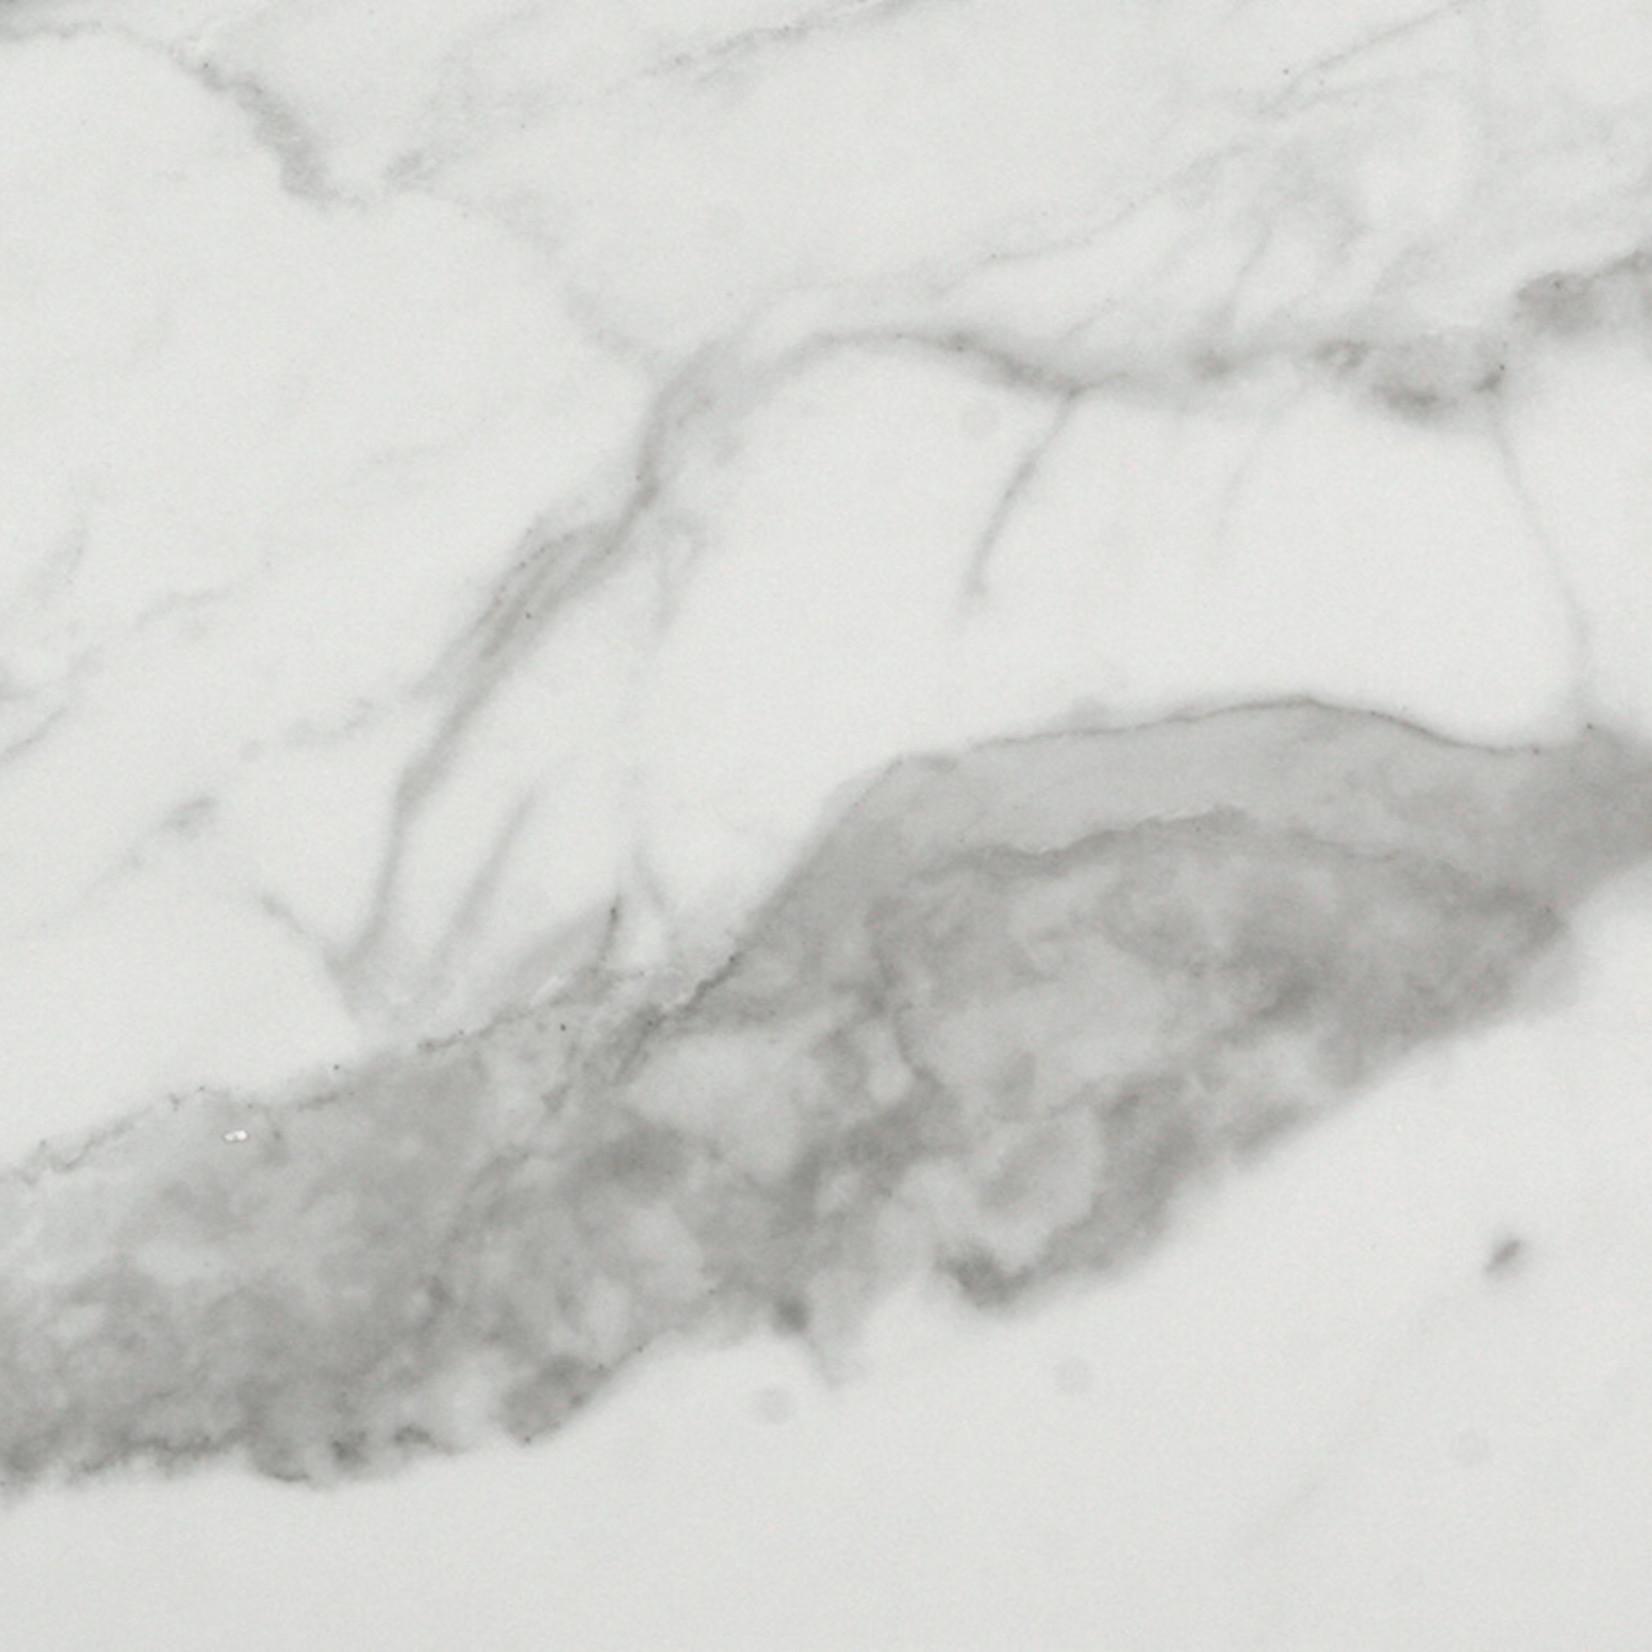 Ceramic Eterna calacatta matt gray 12x24 (16ft2 / box)